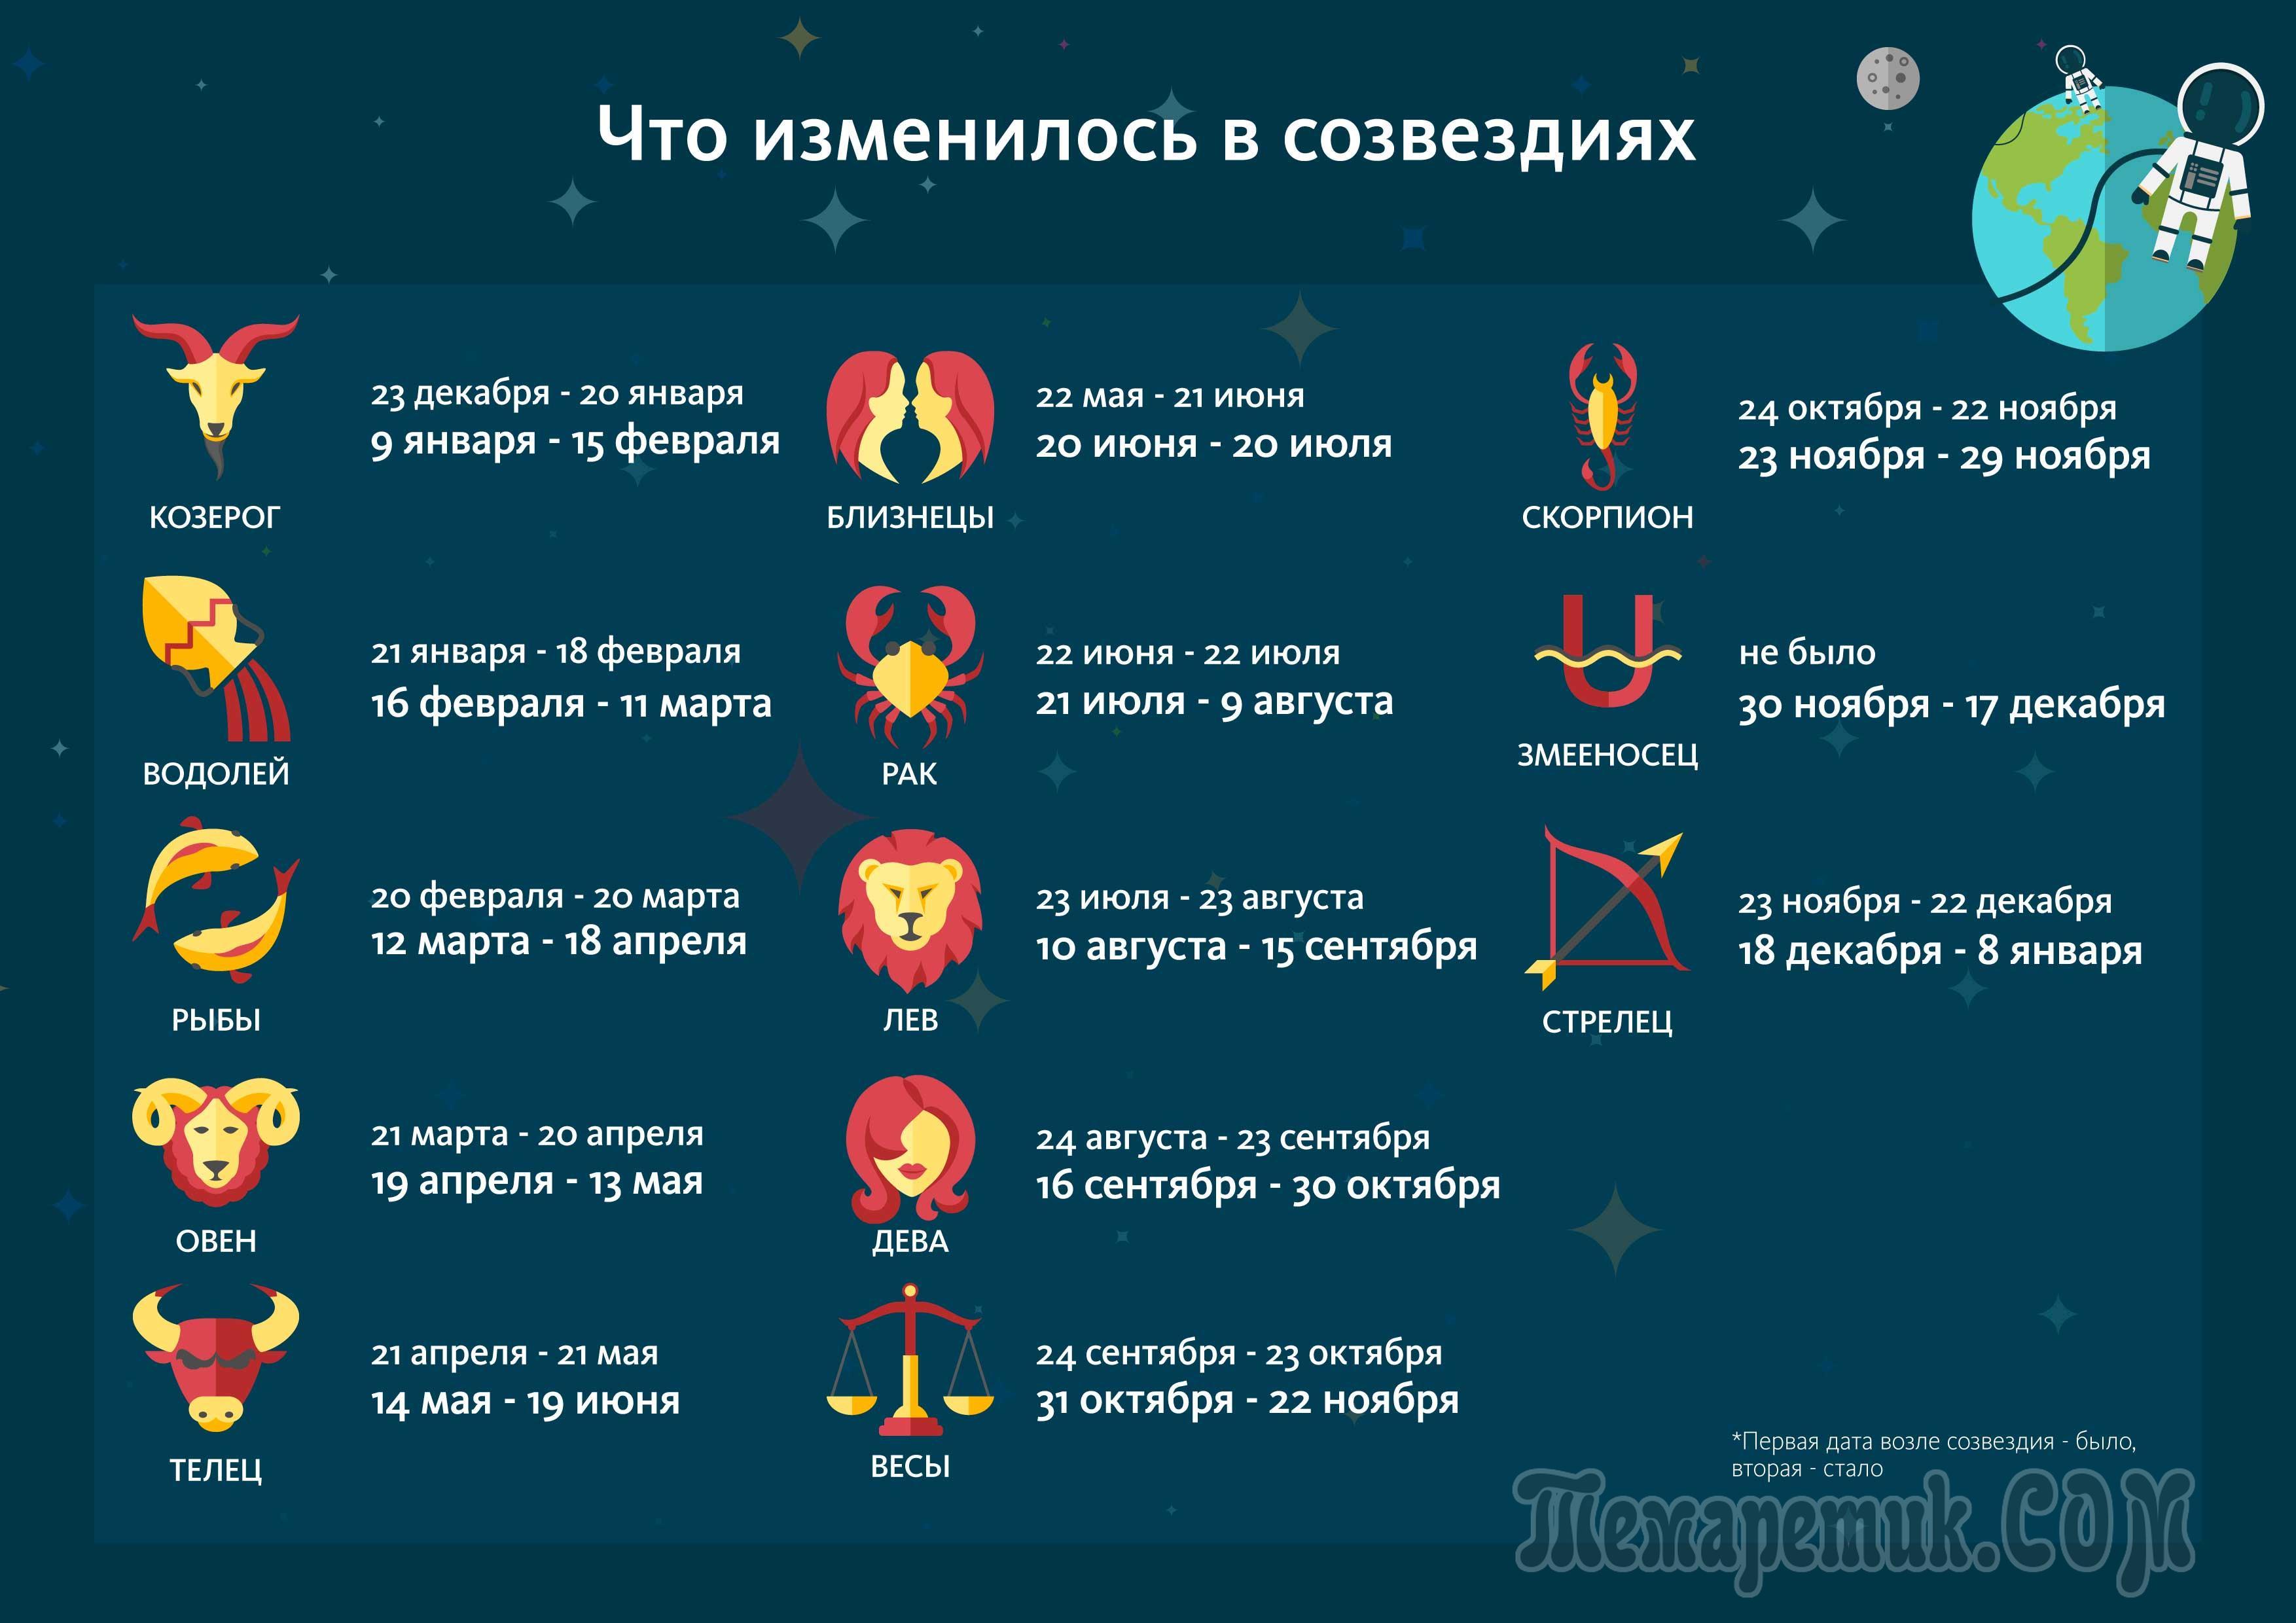 гороскоп новый с 13 знаком зодиака